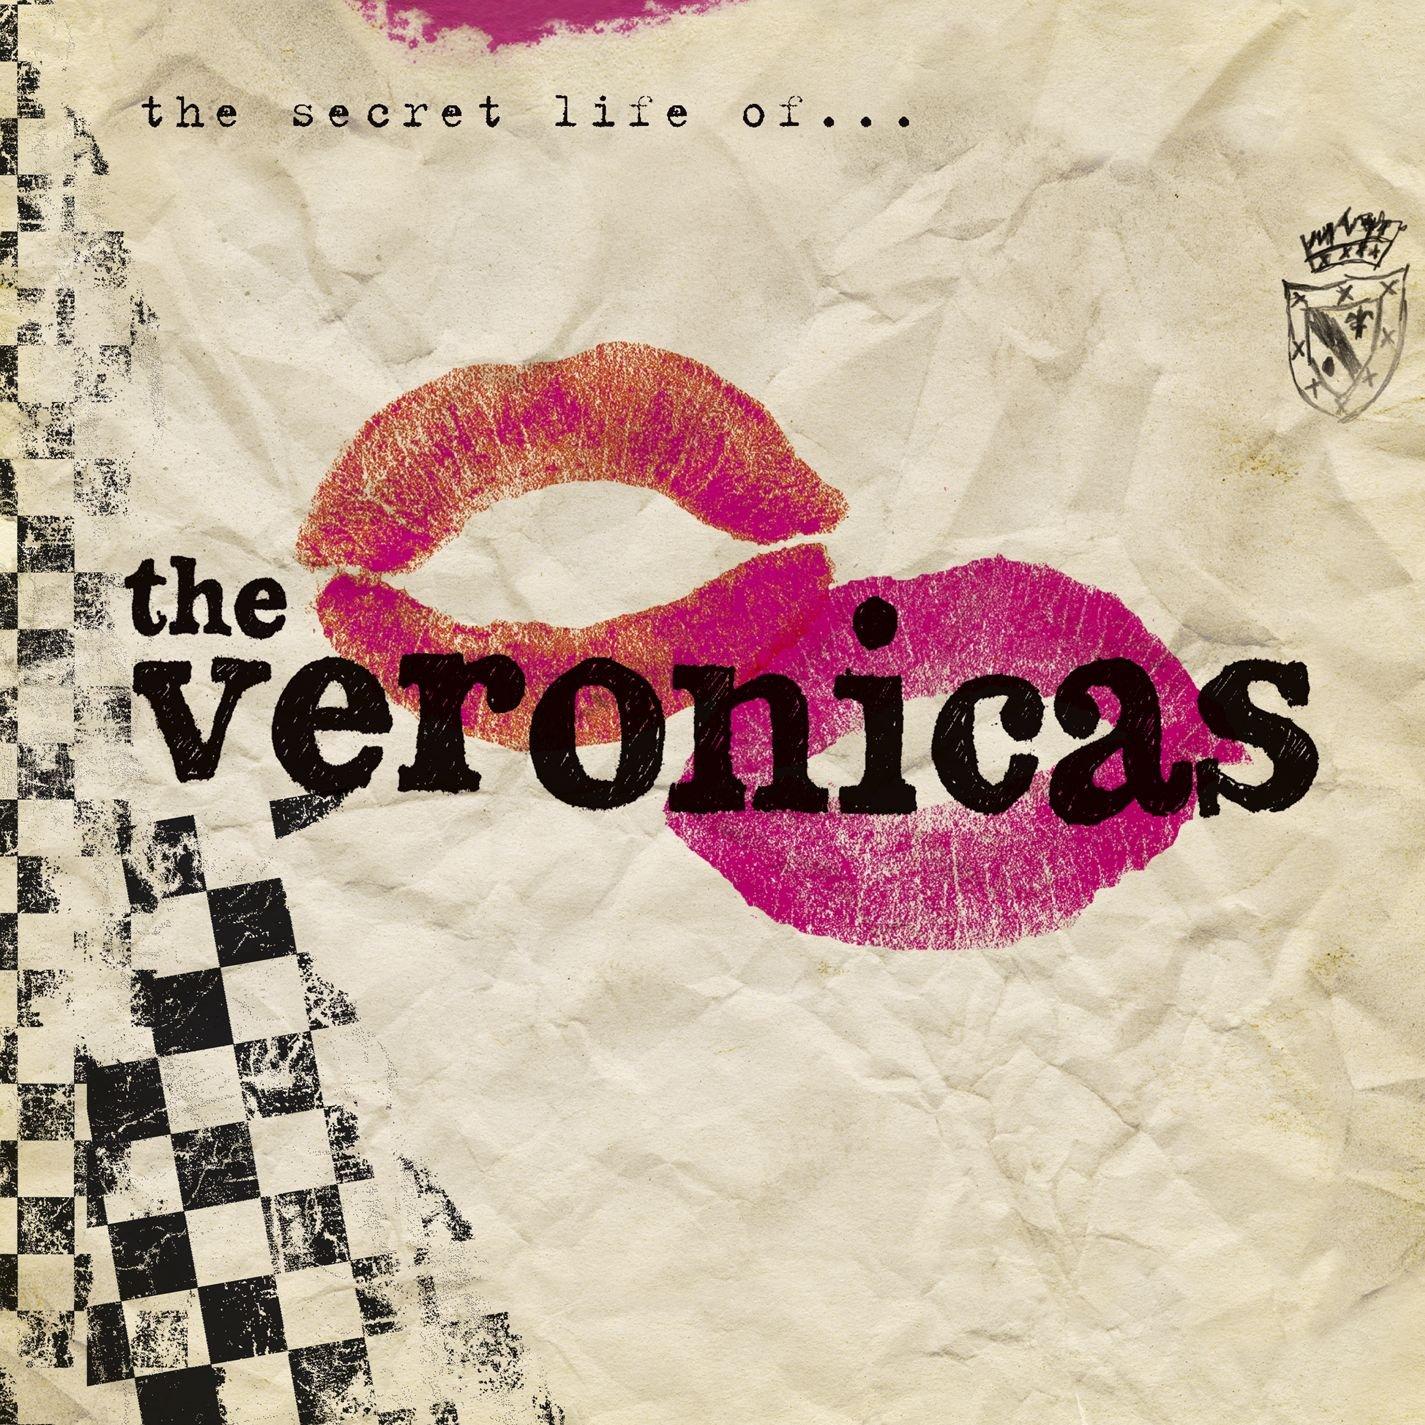 CD : The Veronicas - The Secret Life Of The Veronicas (CD)